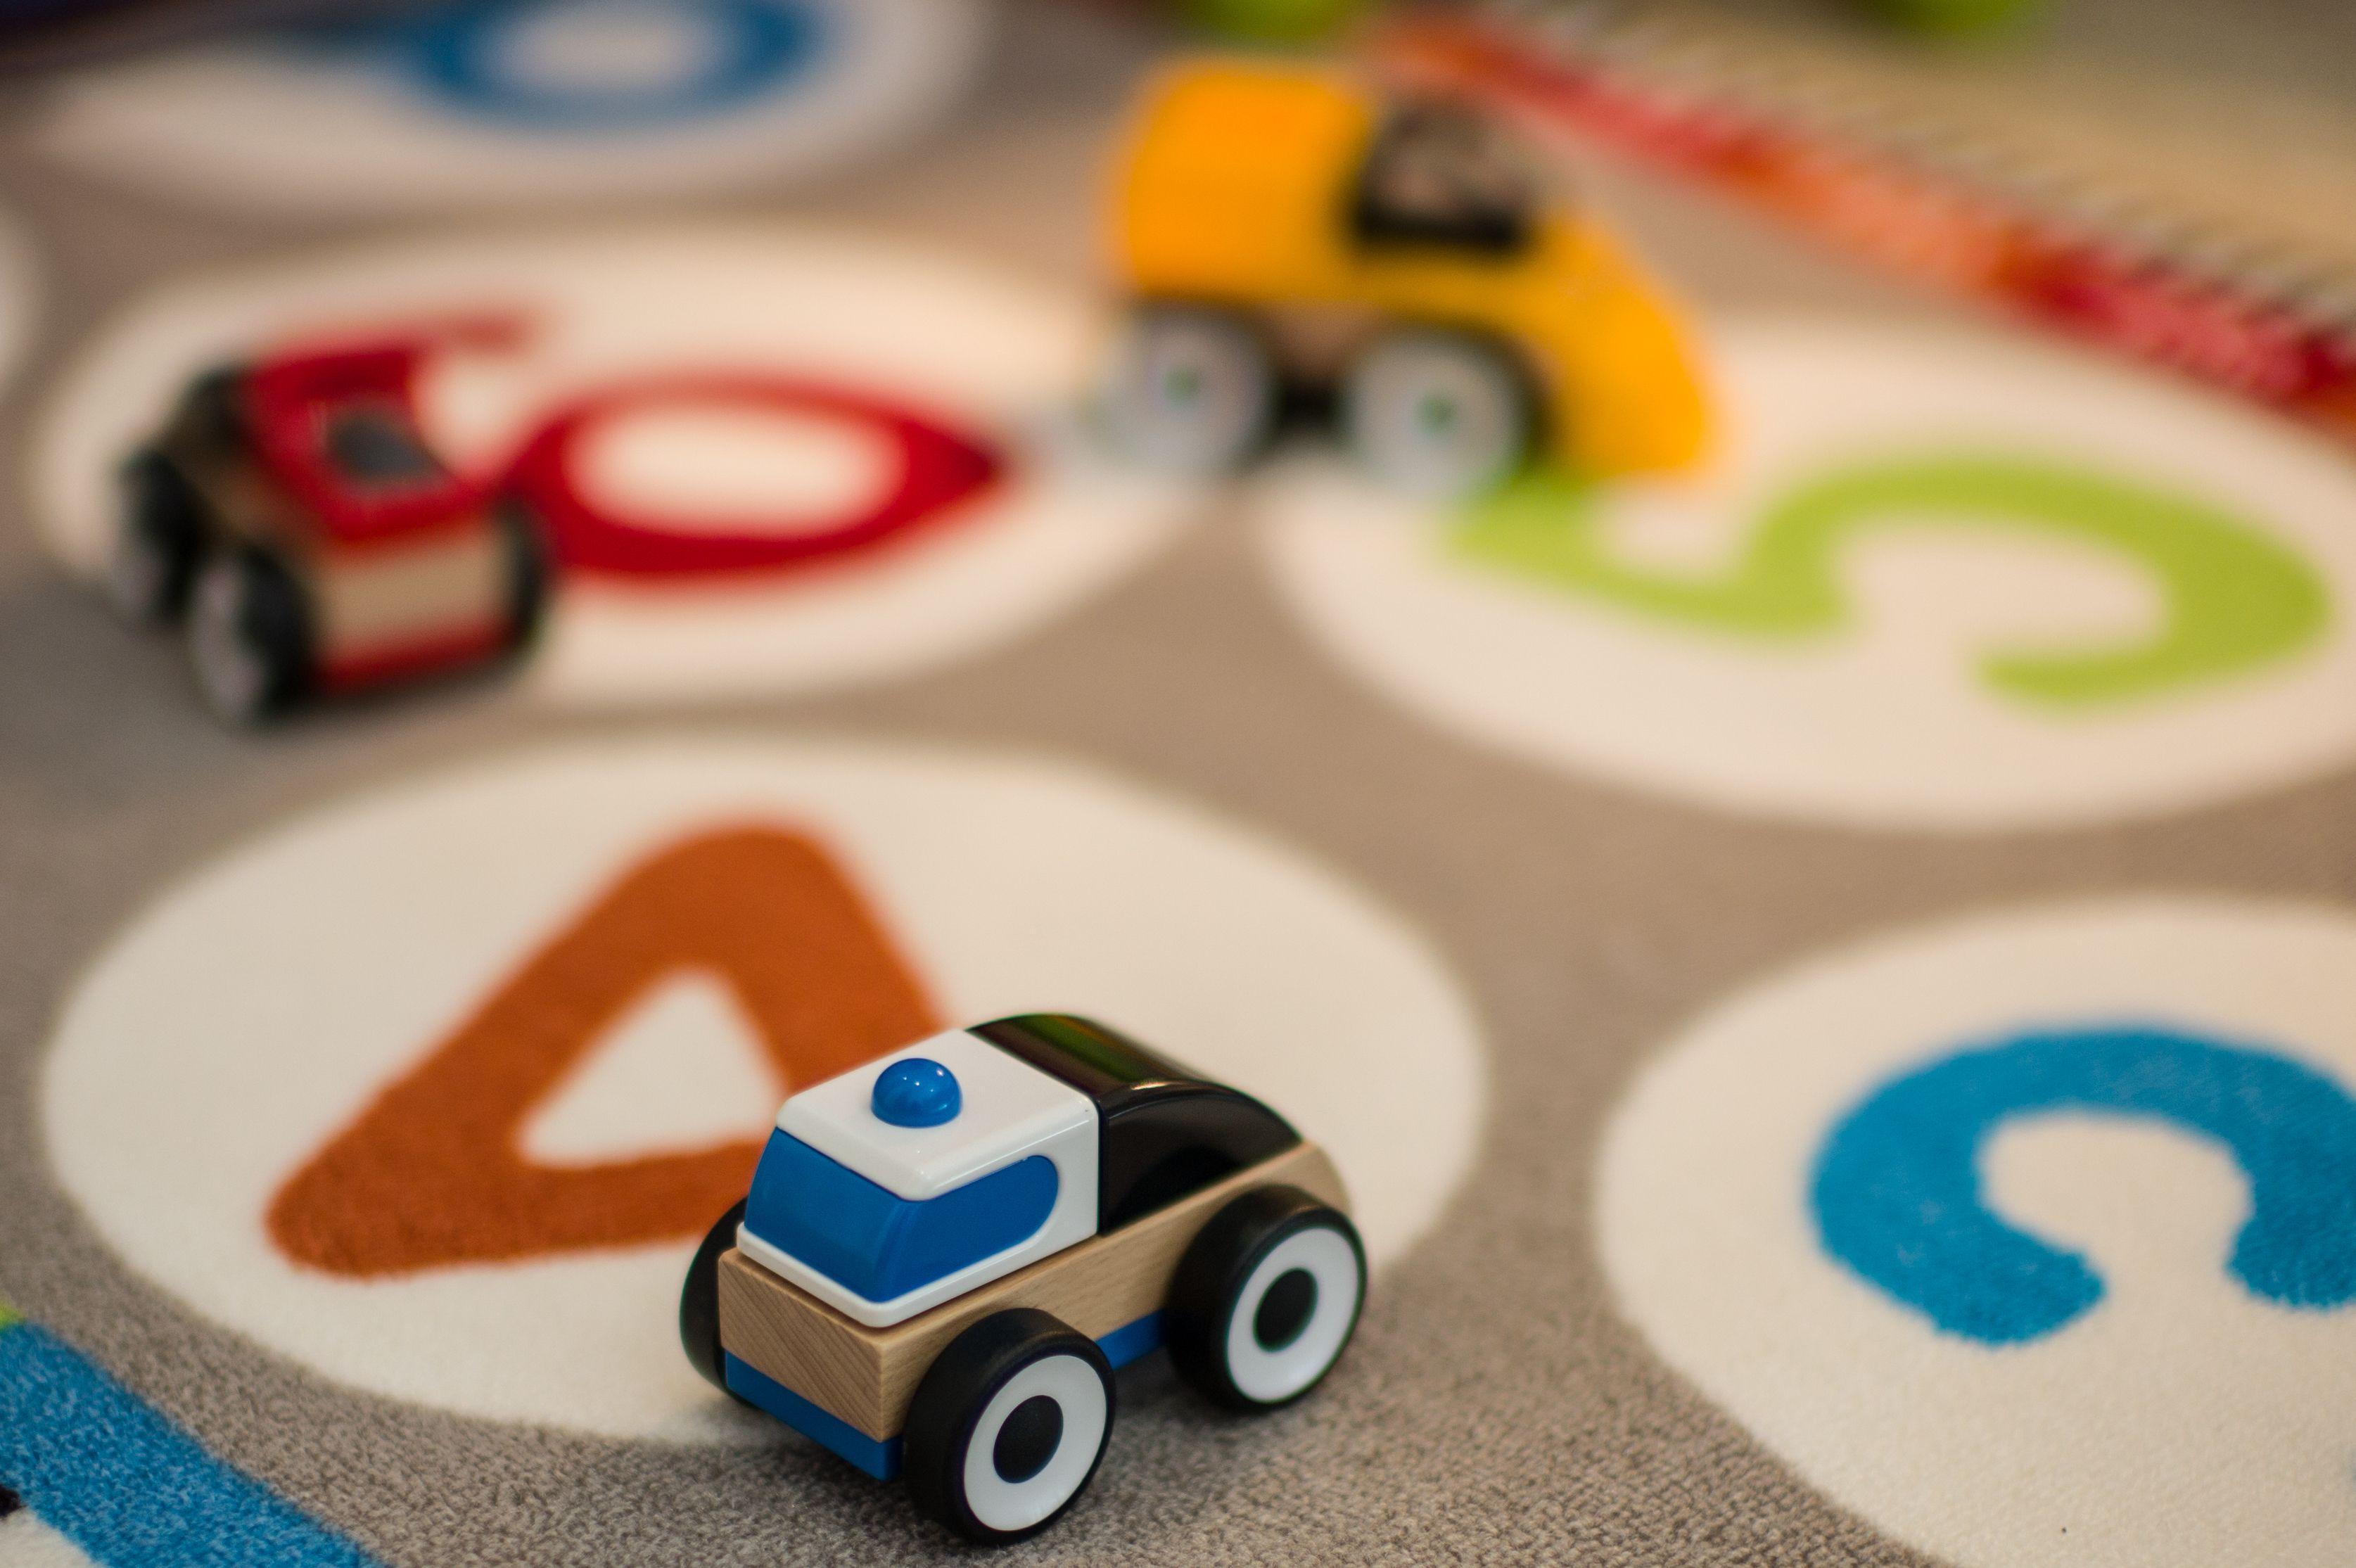 Children's bedroom accessories - #designedbyjustso #childrensbedroom #childrensaccessories